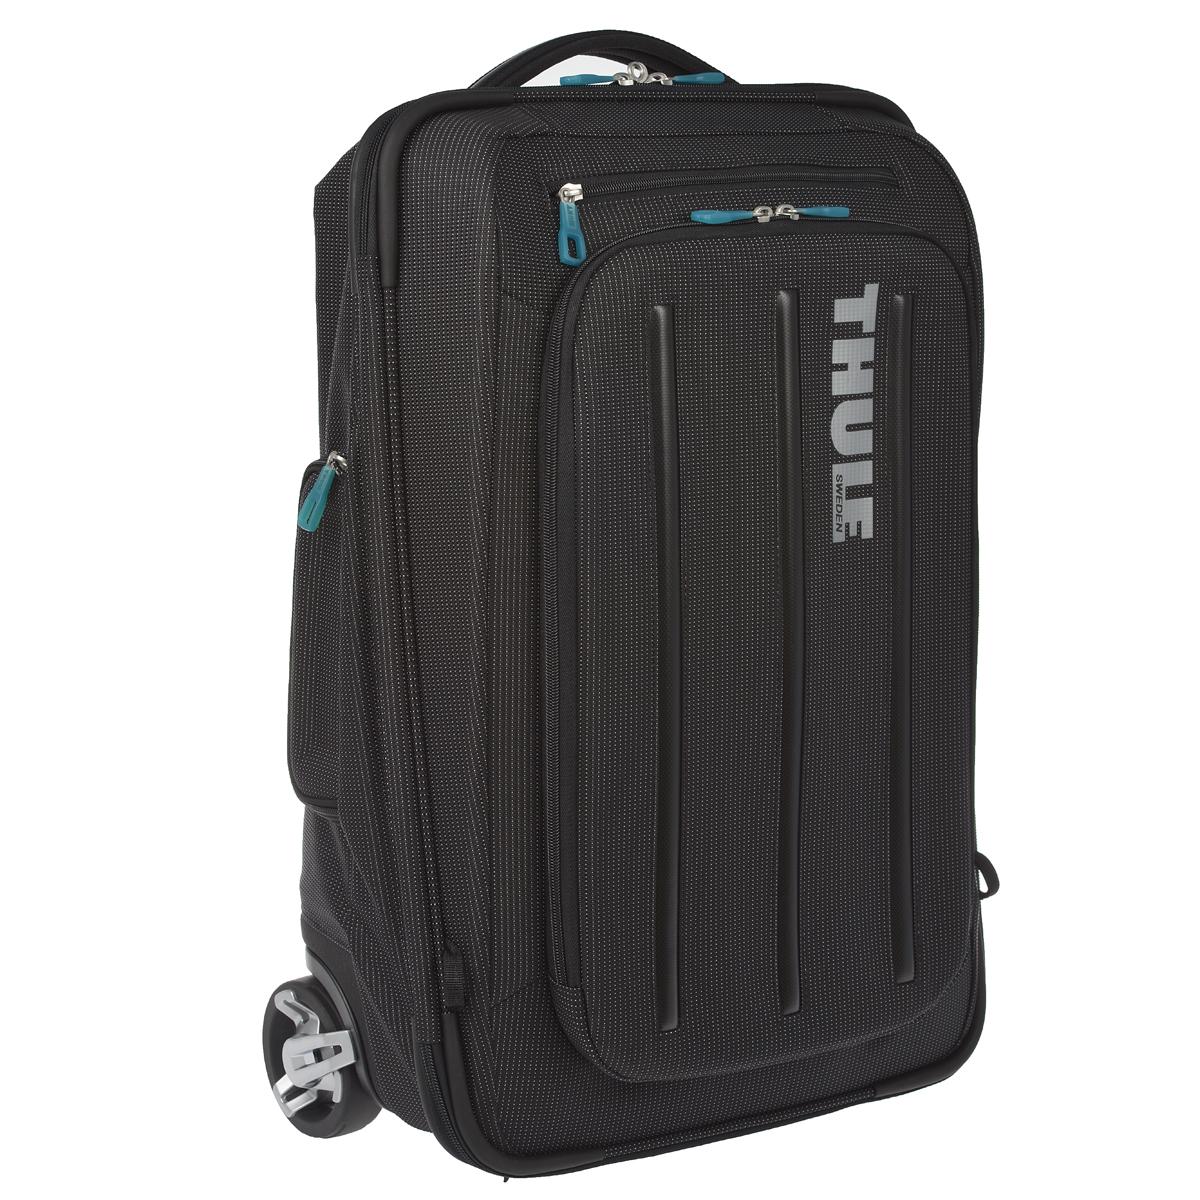 Сумка-рюкзак Thule Crossover, цвет: черный, 38 лTH_TR_TCRU-115Благодаря своей конструкции, сумка-рюкзак Thule Crossover станет незаменимым помощником в путешествиях. Особенности: Верхний карман с мягкой прокладкой подойдет для 15-дюймового MacBook Pro или ноутбука. С помощью потайных ремней вы сможете легко и быстро надеть сумку на плечи. Колеса не касаются спины, когда сумка-тележка используется как рюкзак, что обеспечивает чистоту и комфорт во время путешествия. Облегченный, но прочный материал также является водостойким. Надежный экзоскелет и задняя обшивка из полипропилена обеспечат надежную защиту во время путешествий в самых сложных условиях. Крепкие колеса увеличенного размера и телескопические ручки с технологией Thule V-Tubing™ гарантируют мягкое, плавное и ровное движение в течение многих лет. Изготовленное по технологии горячей прессовки ударопрочное отделение SafeZone защитит ваши солнечные очки, iPhone, портативную электронику и другие хрупкие вещи Приподнятые направляющие...